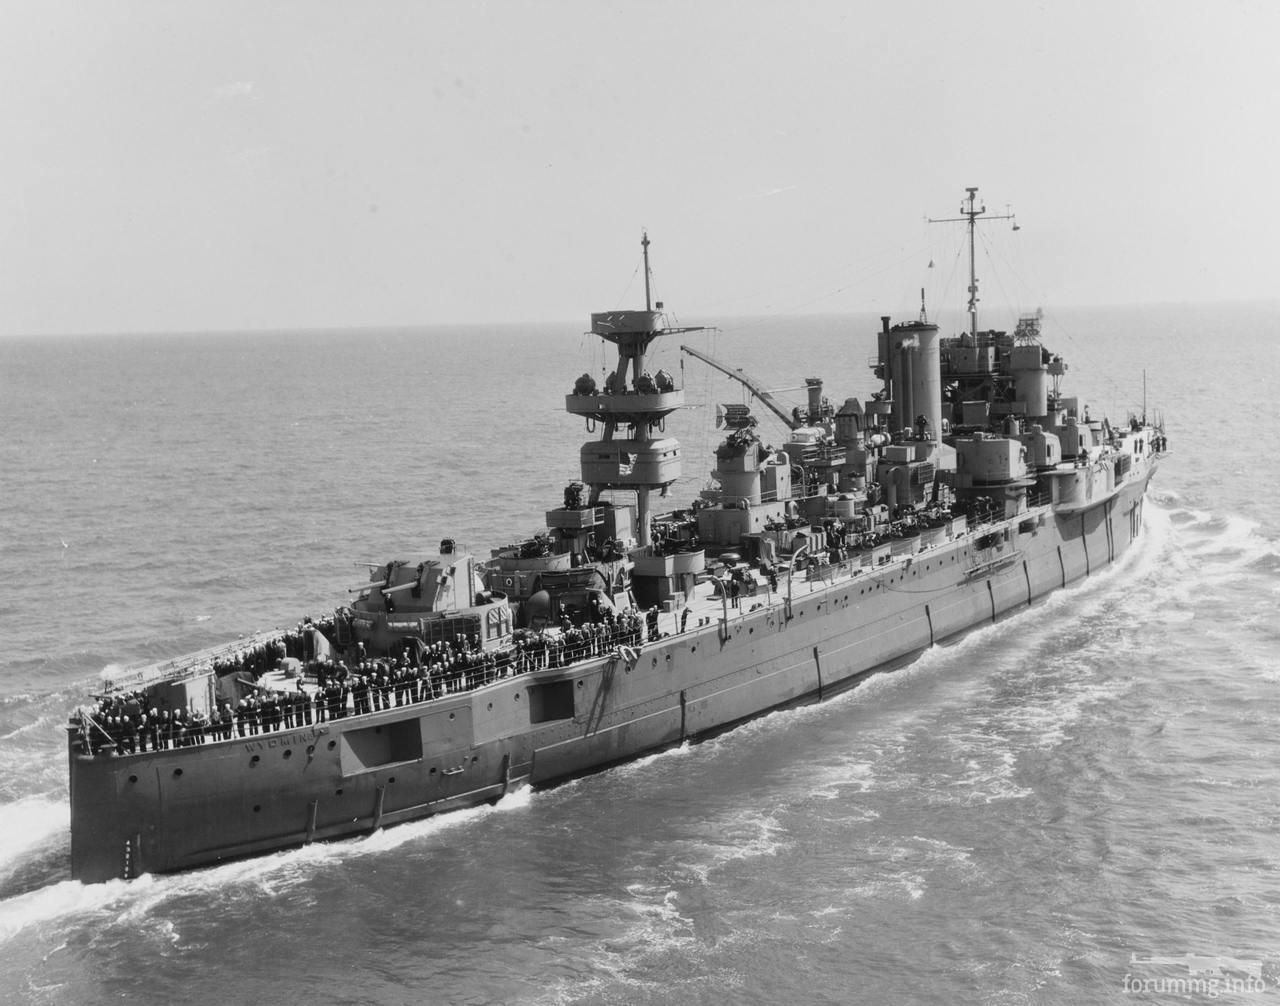 127588 - Частично разоруженный линкор USS Wyoming (BB-32) в качестве учебного корабля, апрель 1945 г.